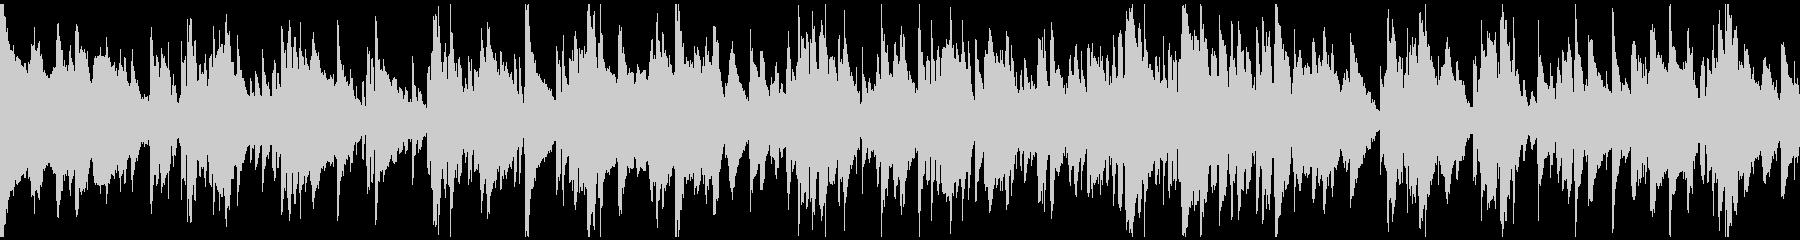 エロい艶めかしいサックス ※ループ仕様版の未再生の波形